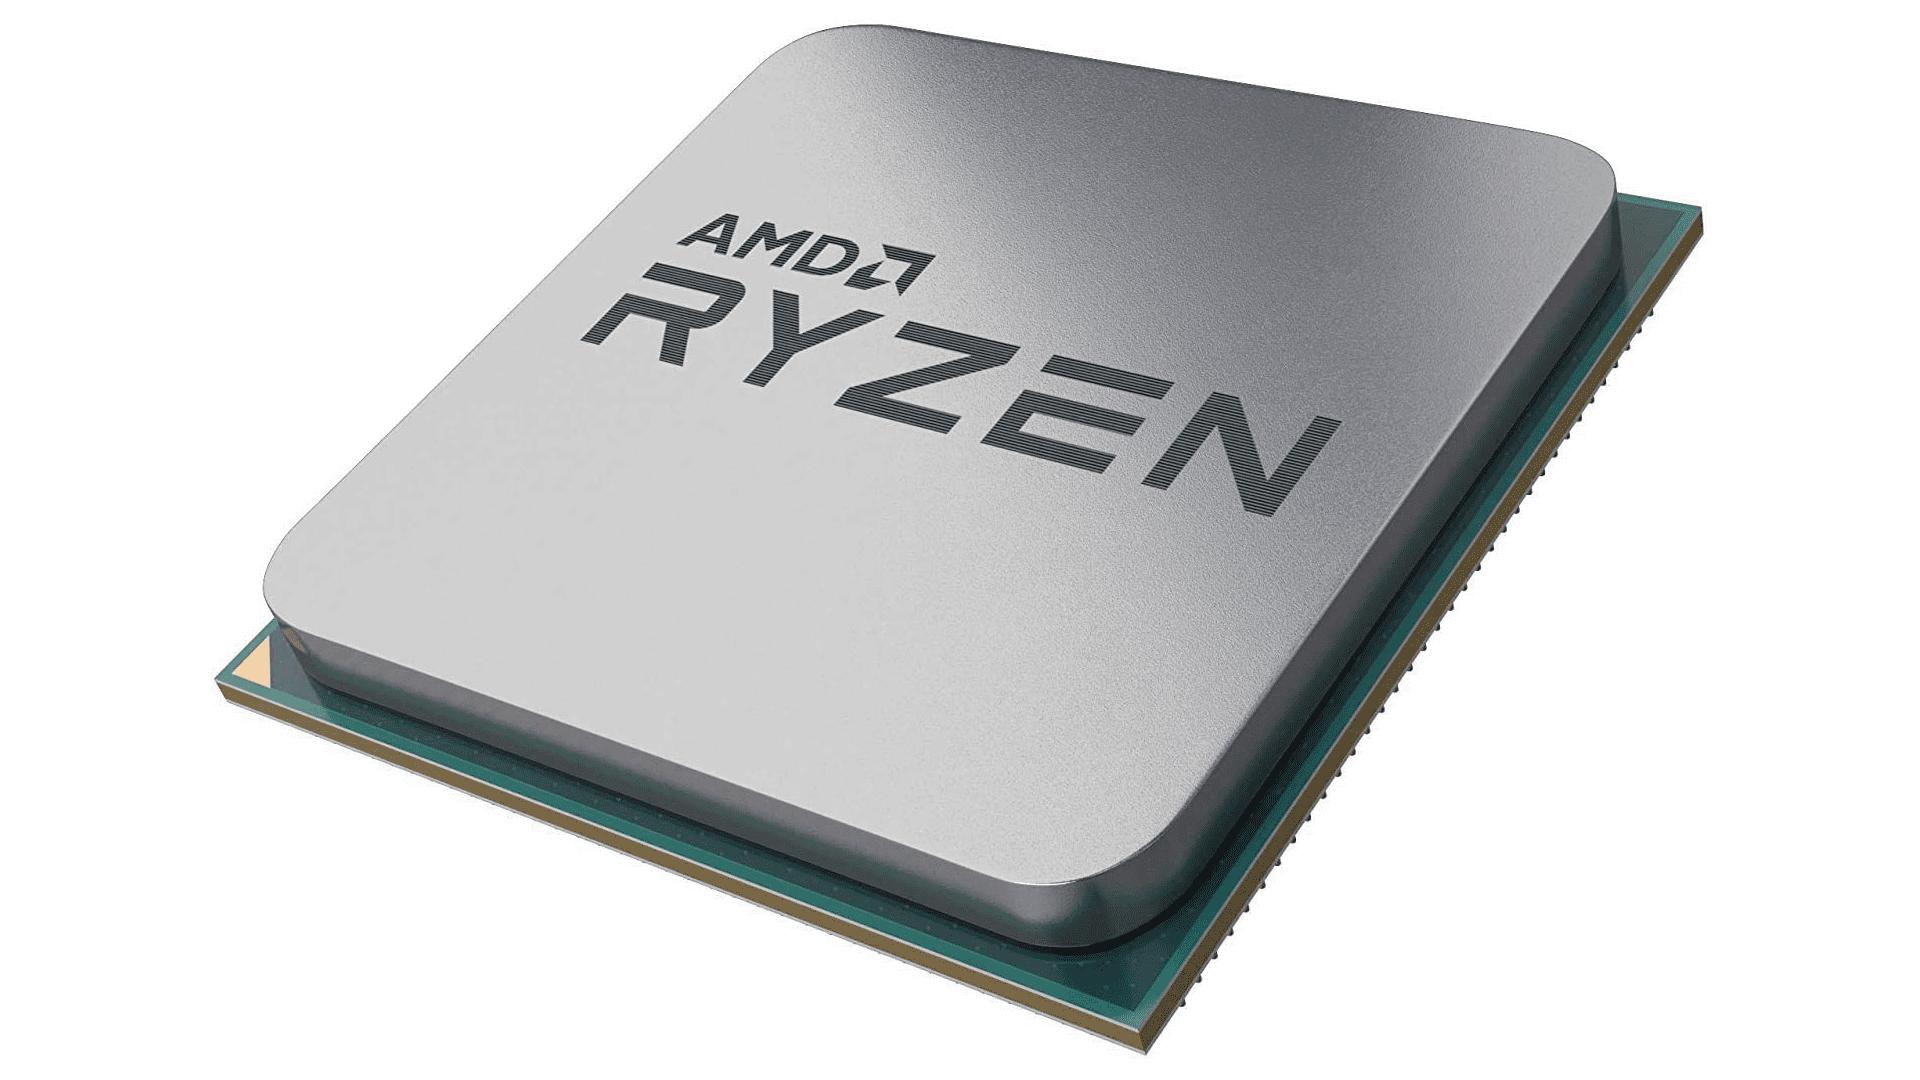 O Ryzen 5 3500X tem seis núcleos (Foto: Divulgação/AMD)